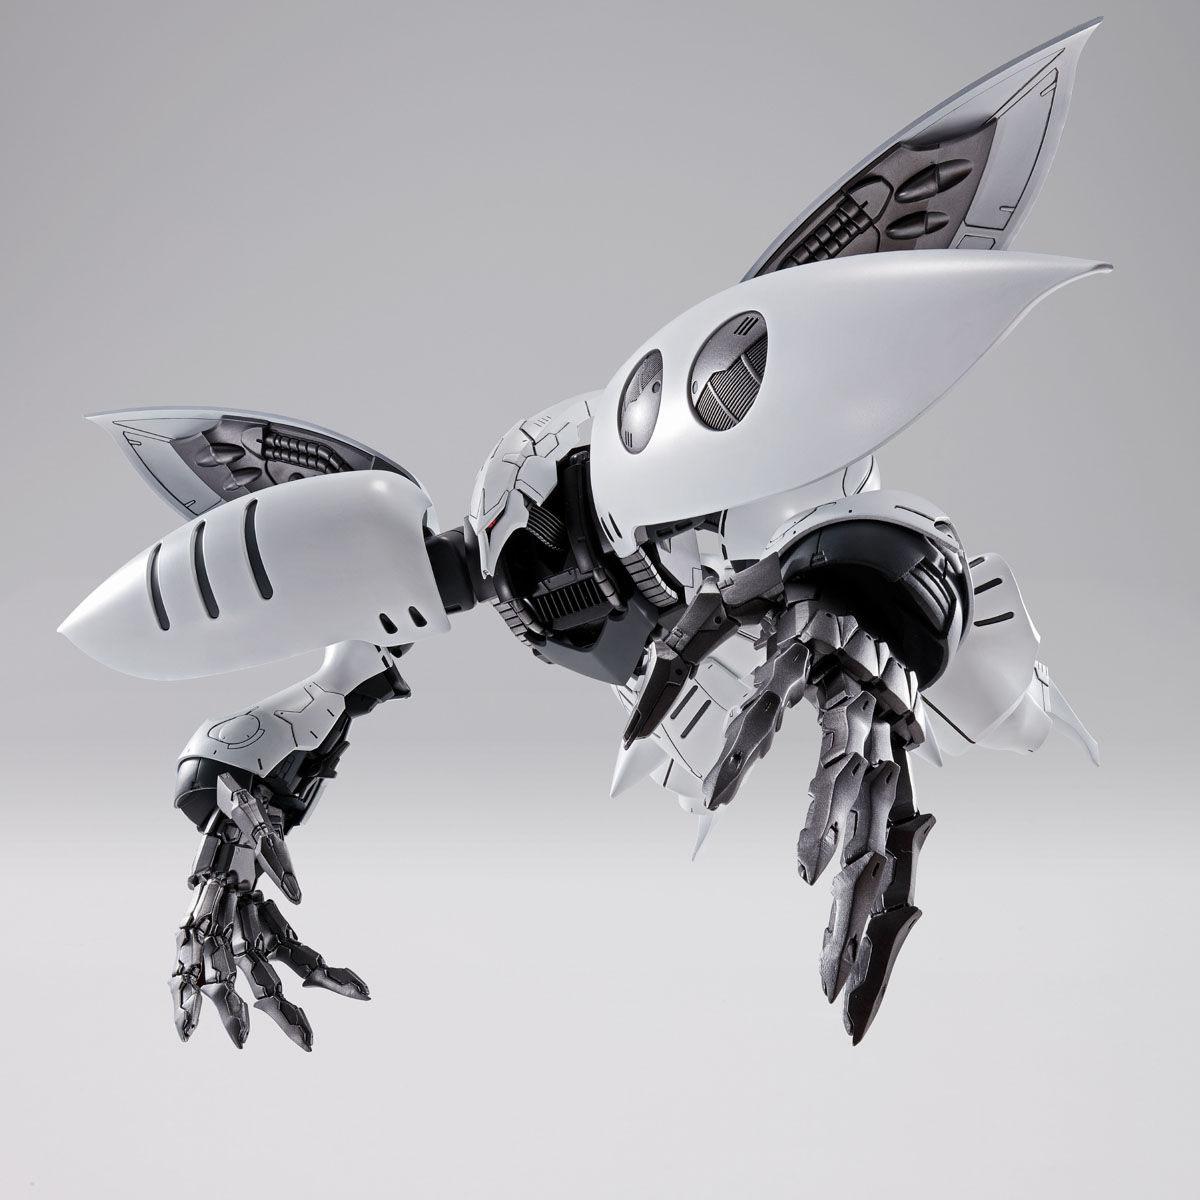 MG 1/100『キュベレイダムド』プラモデル-004